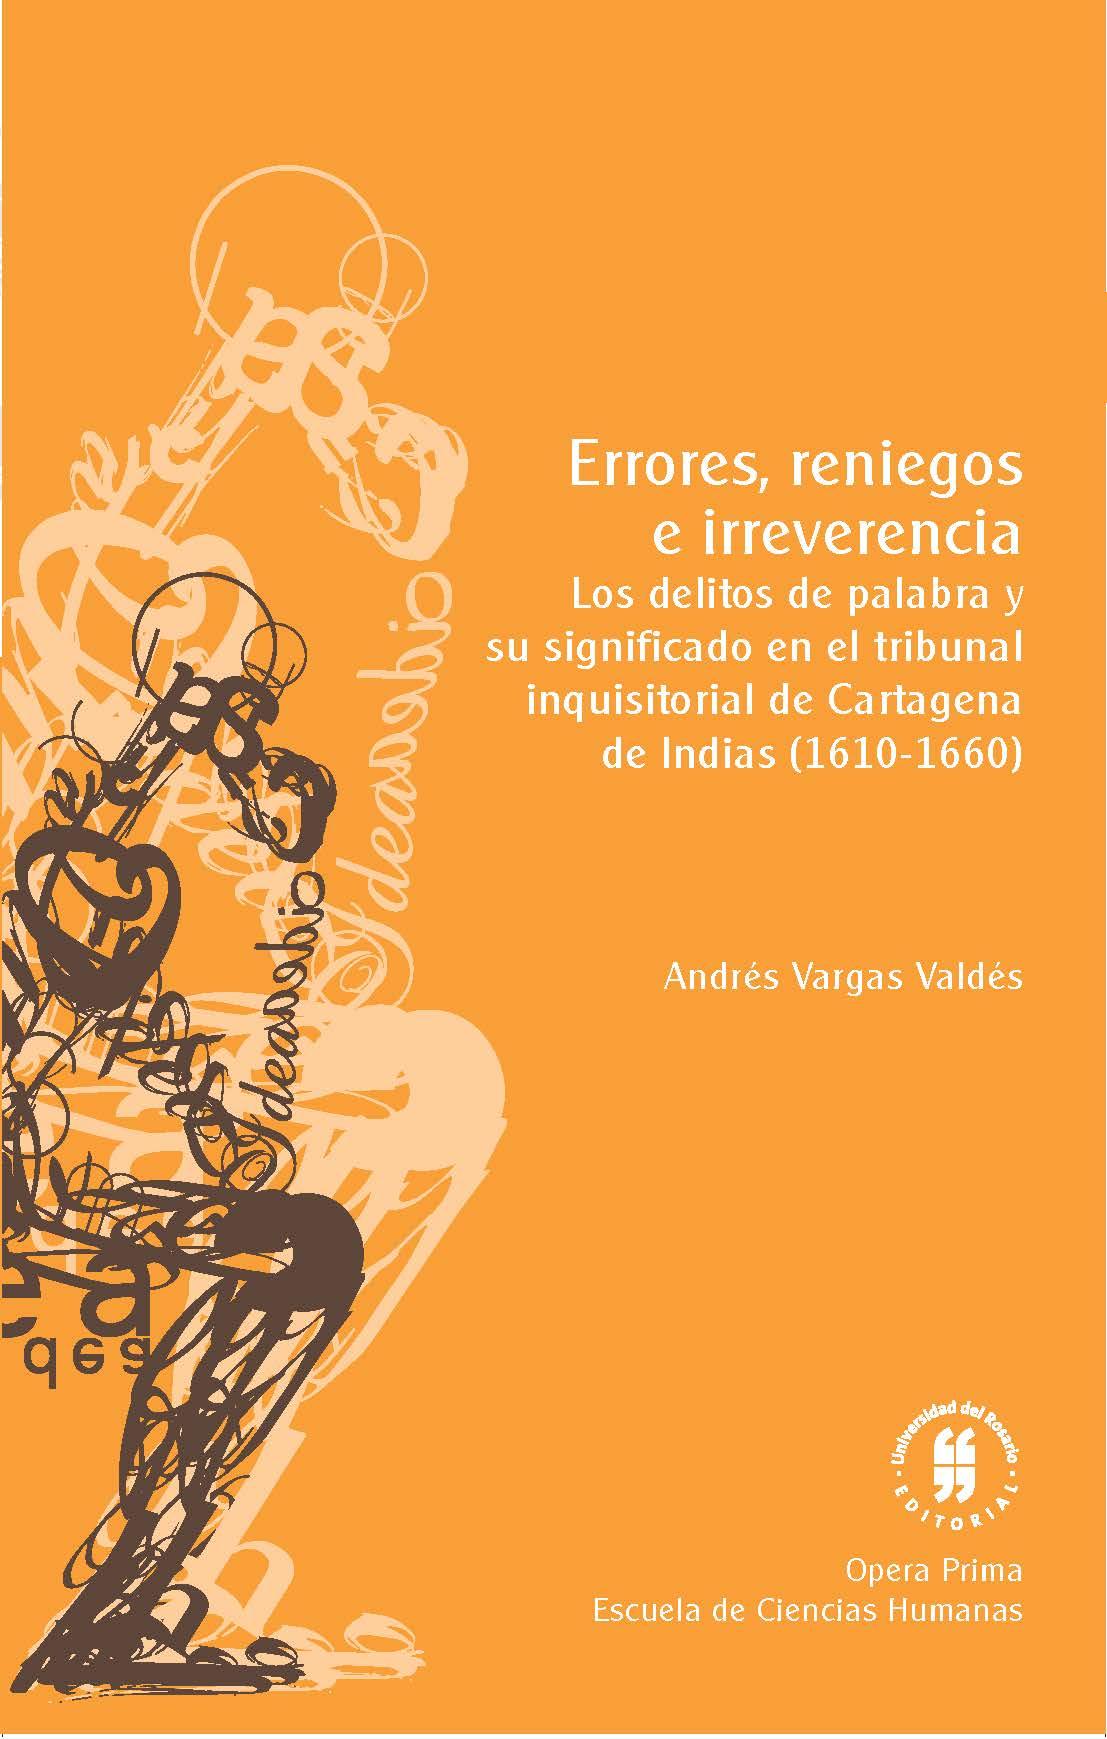 Errores, reniegos e irreverencia. Los delitos de palabra y su significado en el tribunal inquisitorial de Cartagena de Indias (1610-1660)